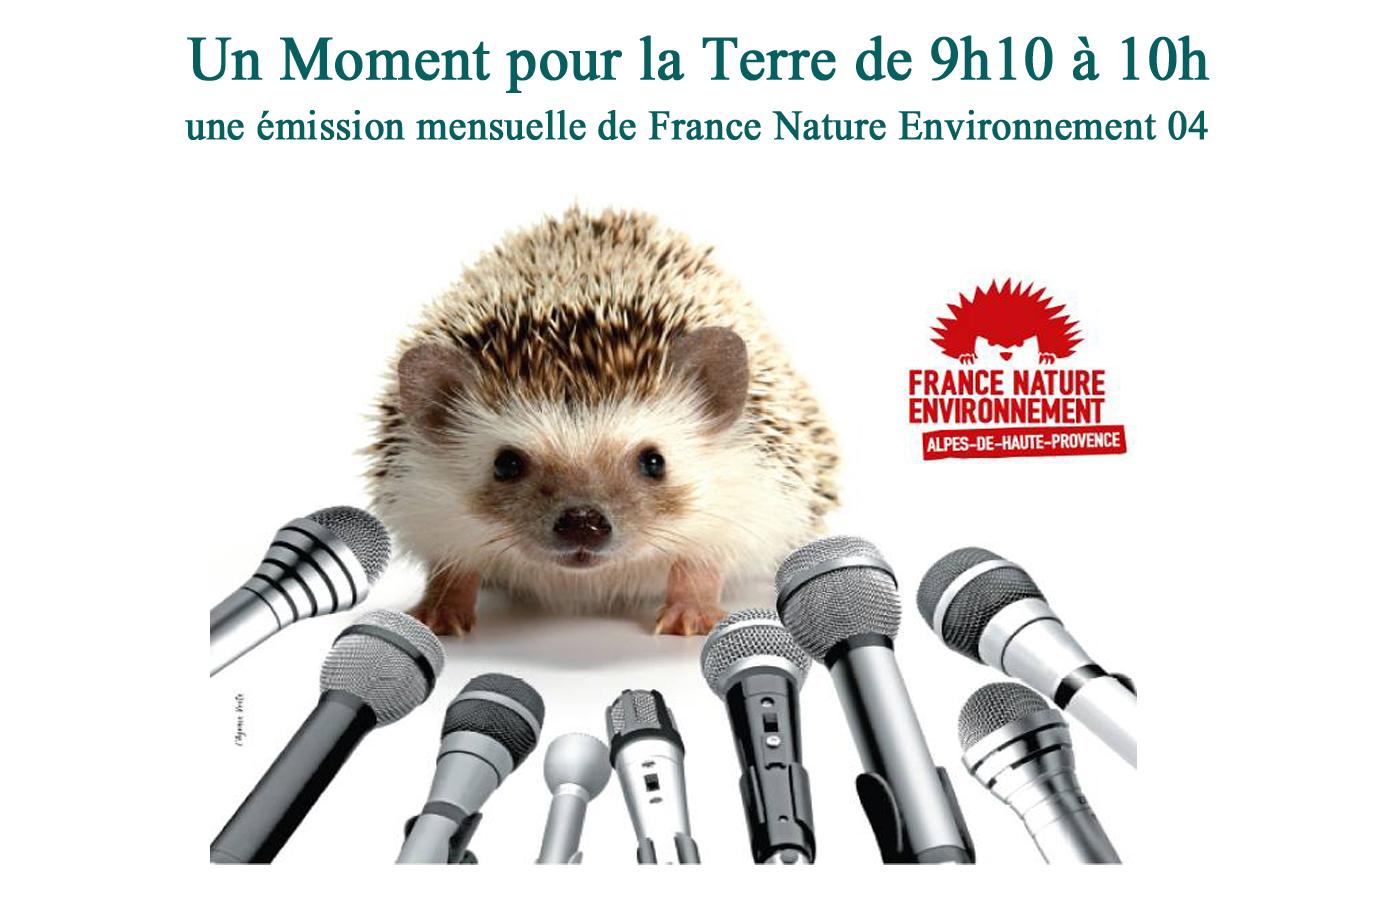 Un moment pour la terre avec France Nature Environnement - Biodiversité